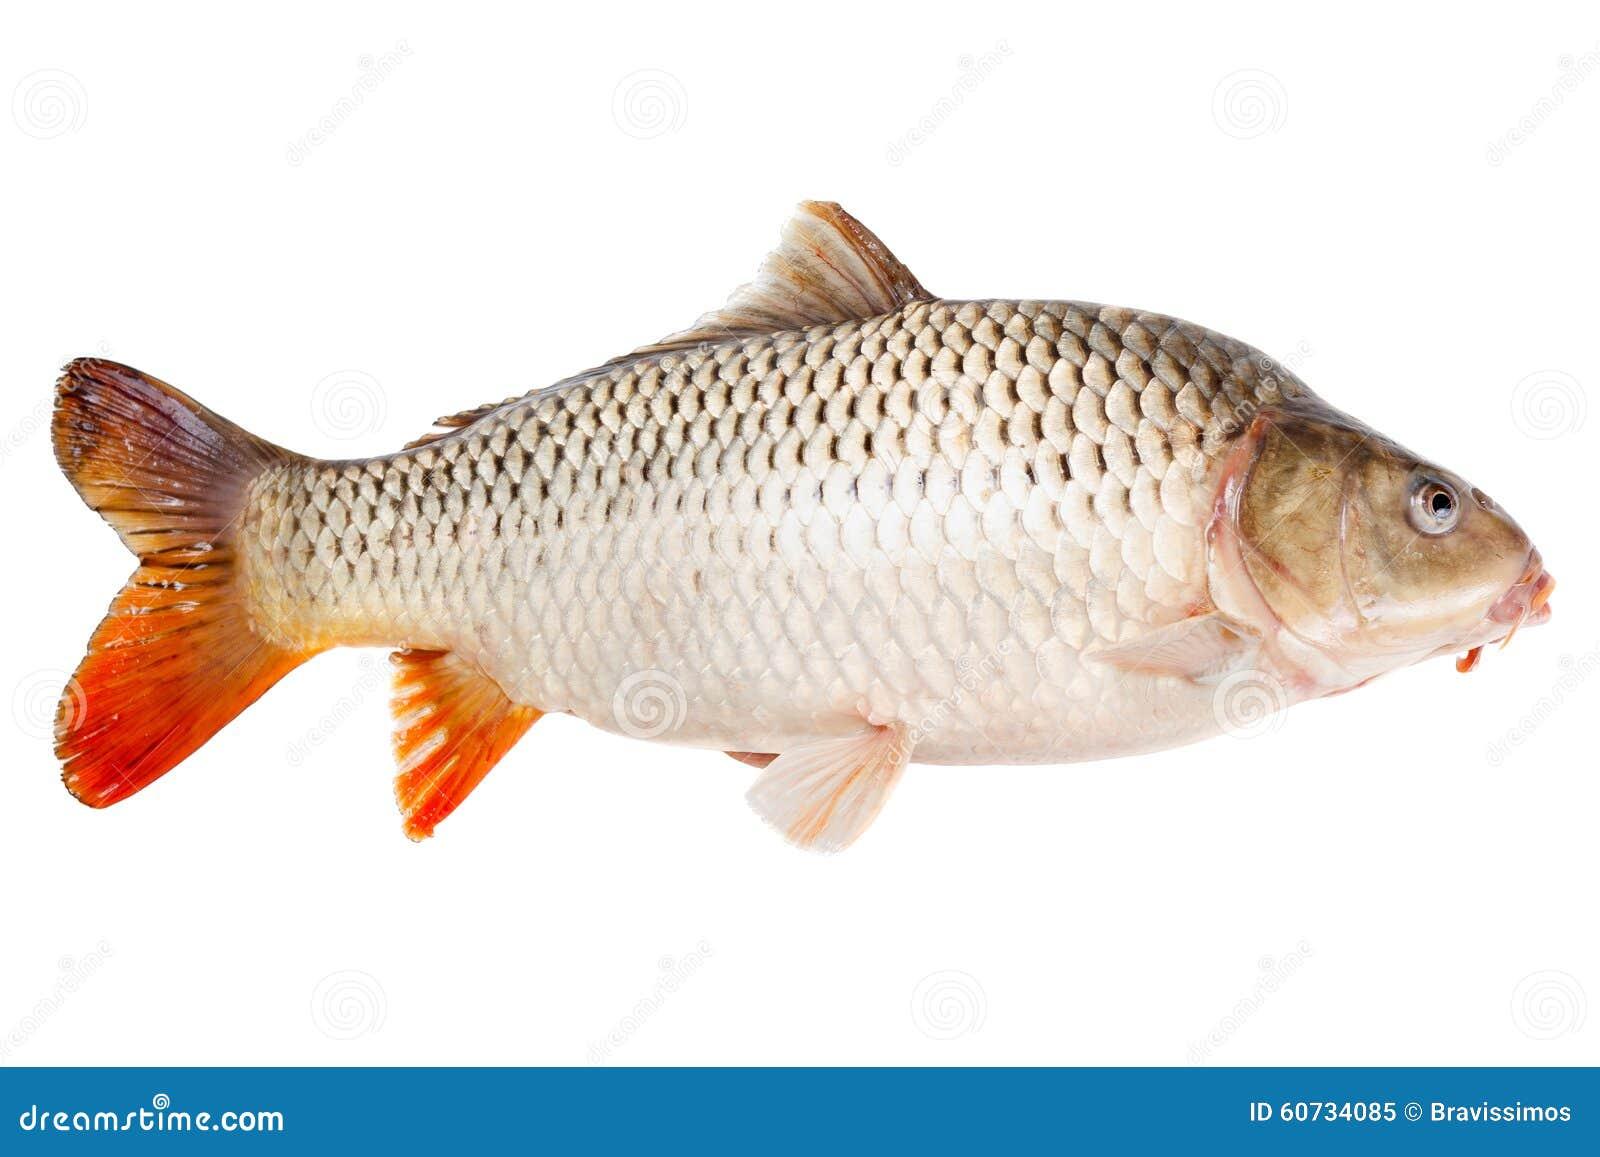 Di profilo del pesce della carpa isolato su fondo bianco - Pagina di colorazione del pesce ...